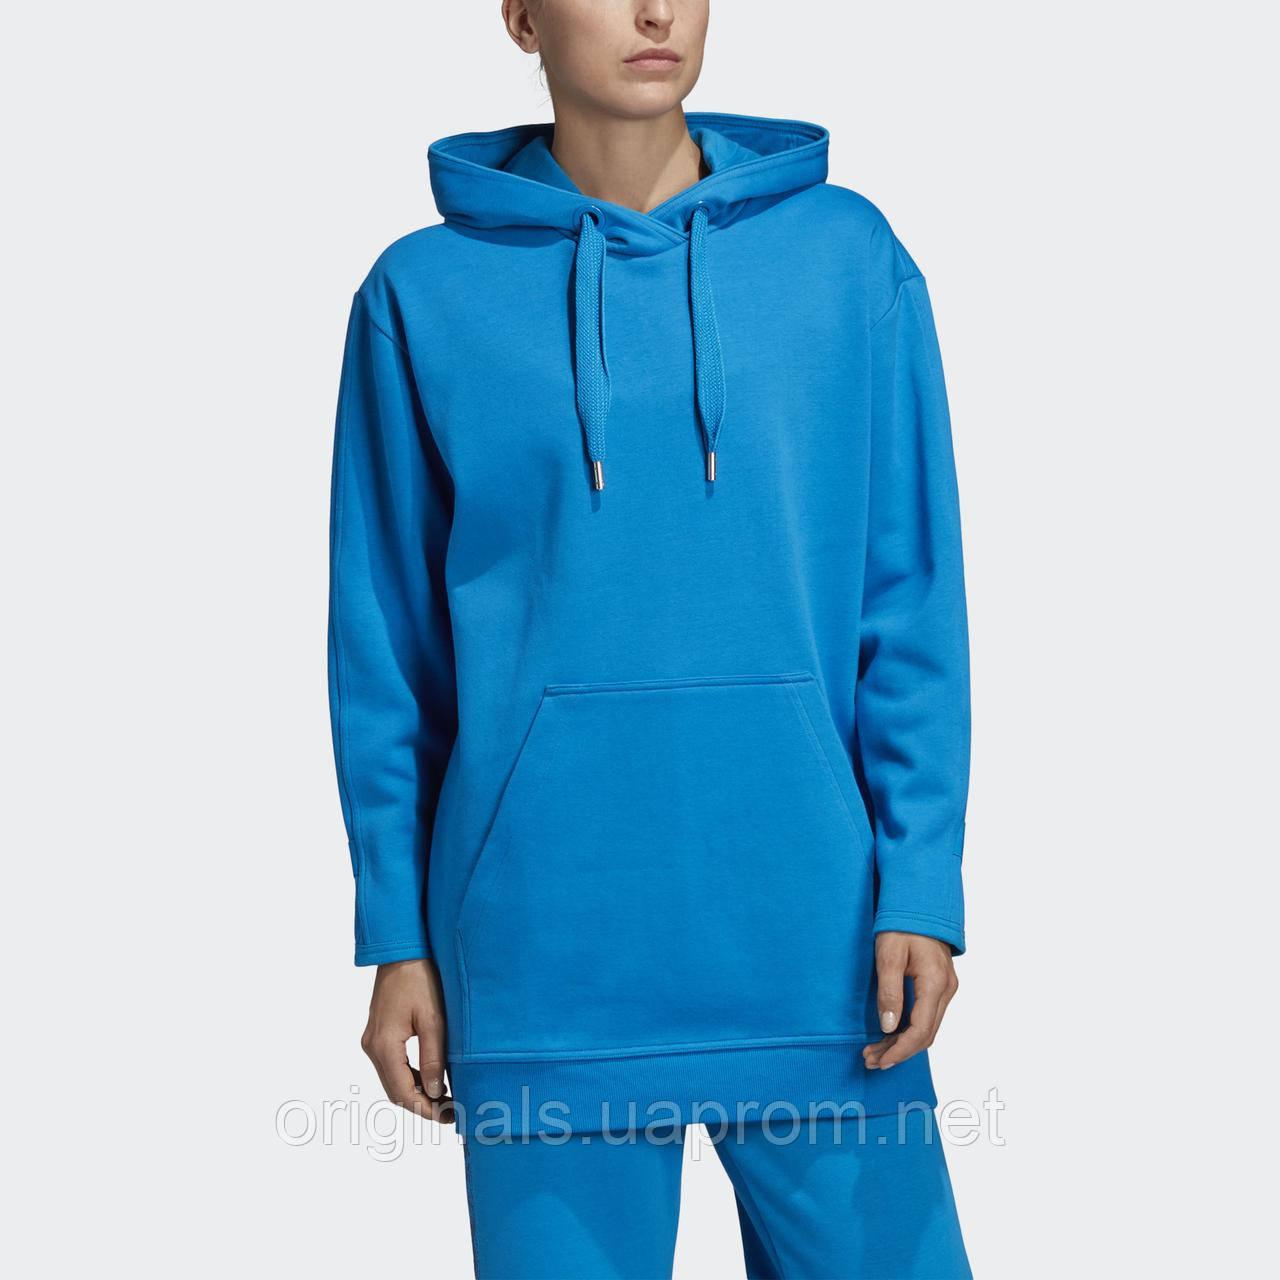 Худи женское Adidas aSMC Oversize DT9221